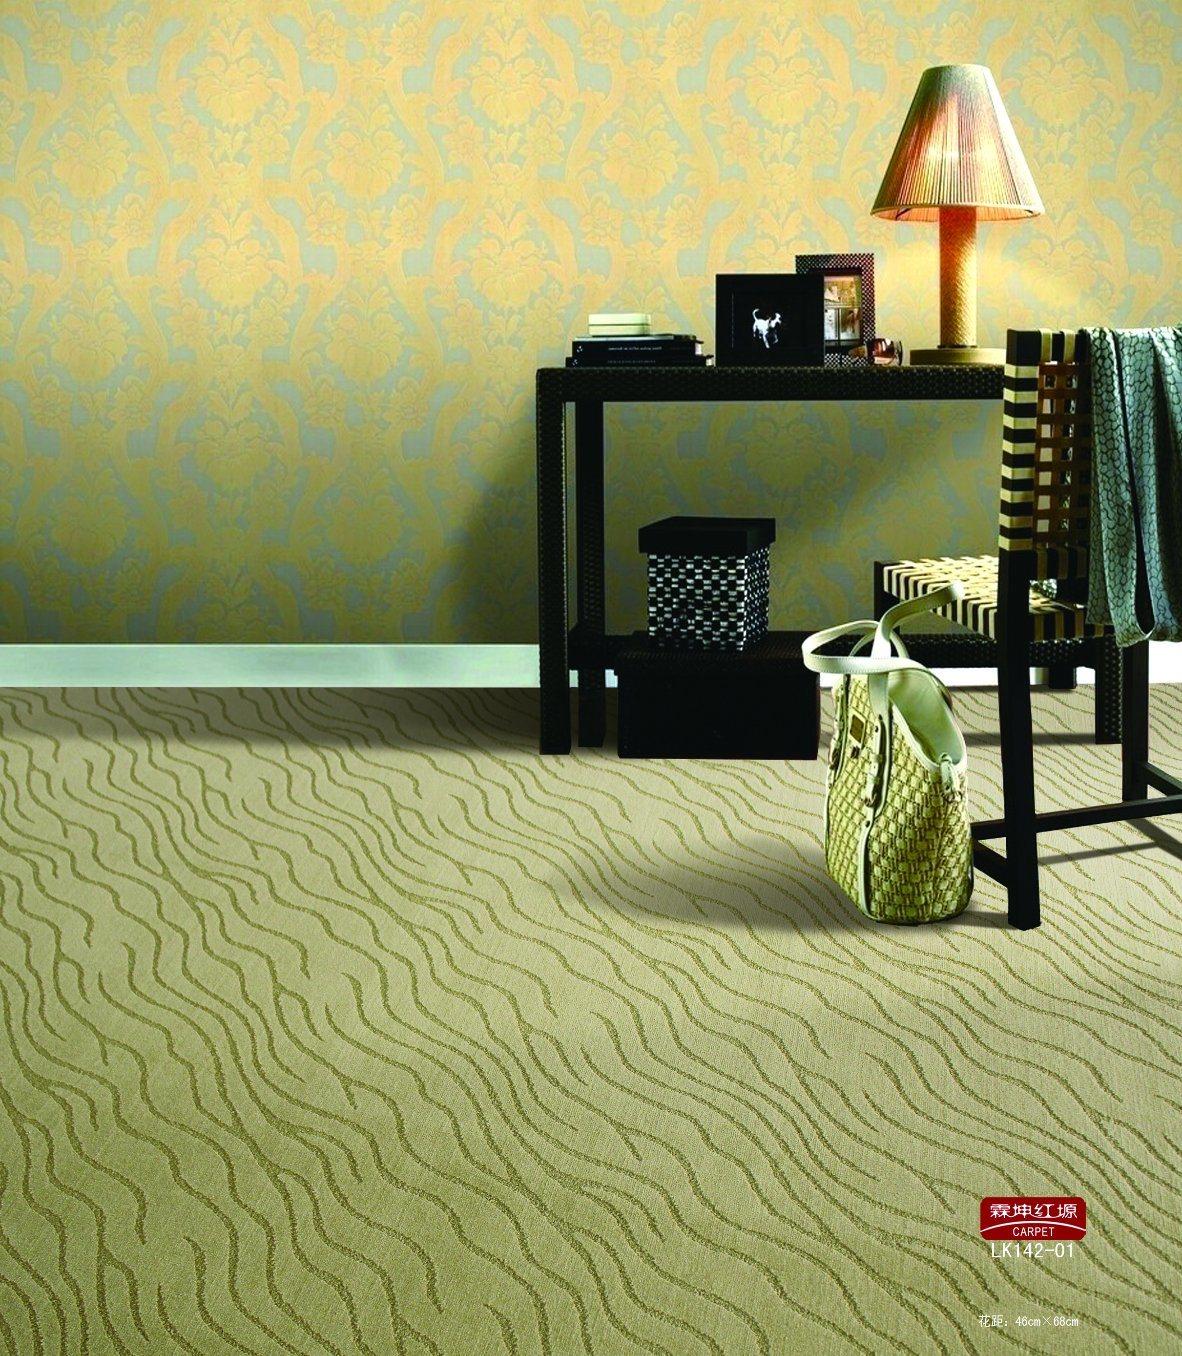 Wall Room Carpet Bedroom Rug Best